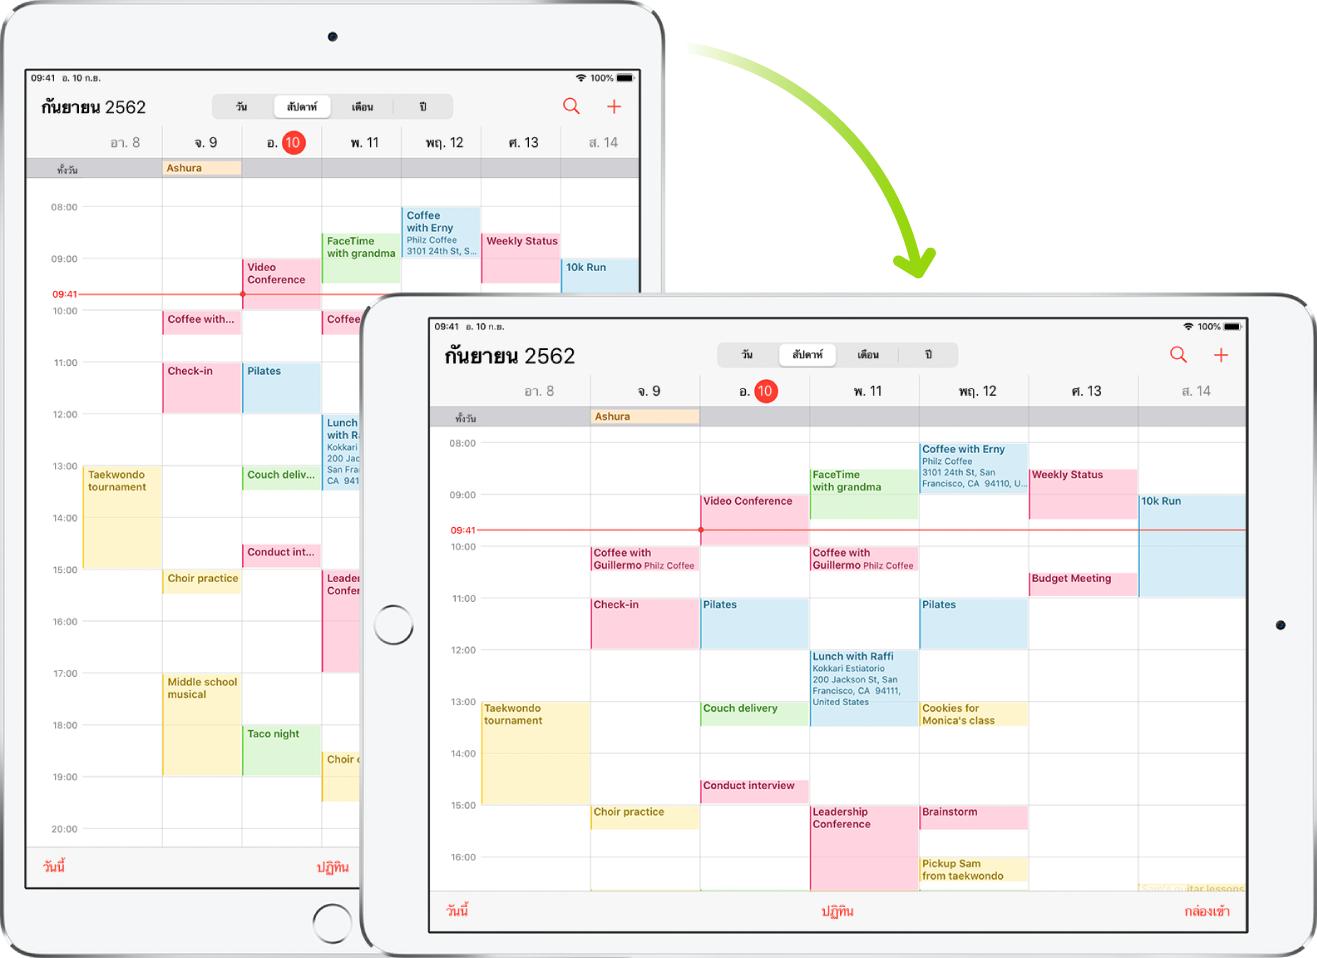 ในเบื้องหลัง iPad แสดงหน้าจอปฏิทินในแนวตั้ง ในเบื้องหน้า iPad ถูกหมุนและแสดงหน้าจอปฏิทินในแนวนอน